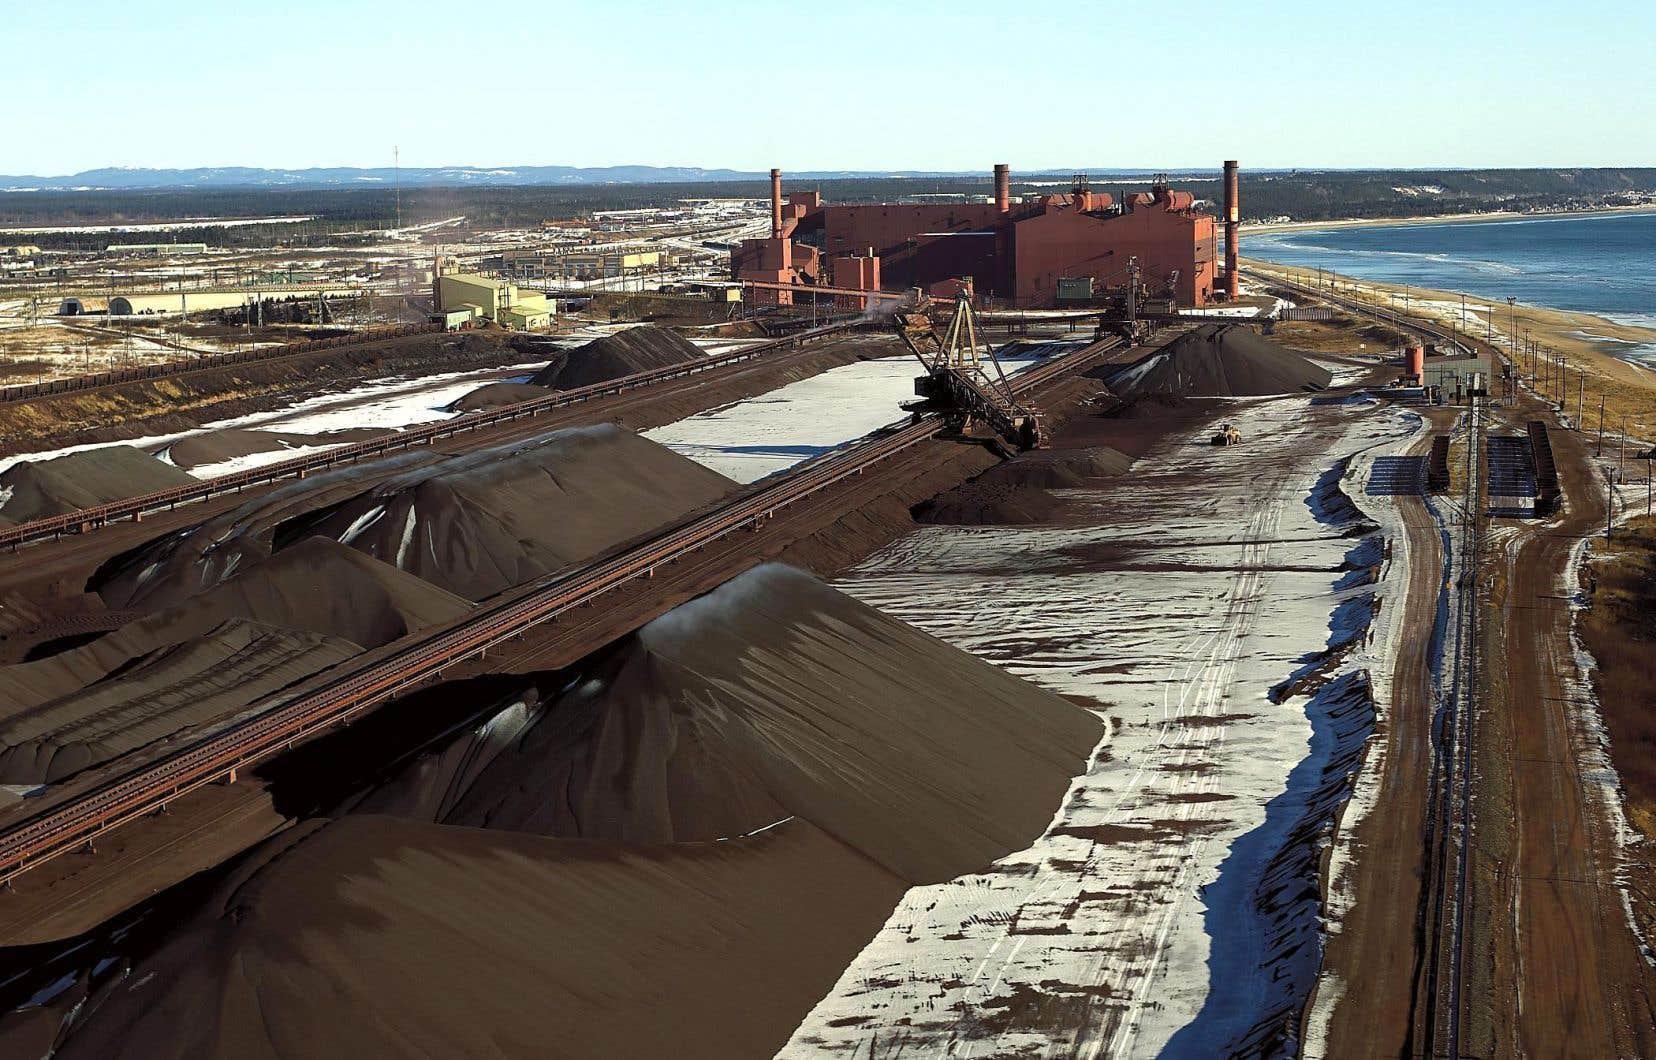 L'aire de stockage sur le site des installations portuaires de la compagnie minière IOC à Sept-Îles